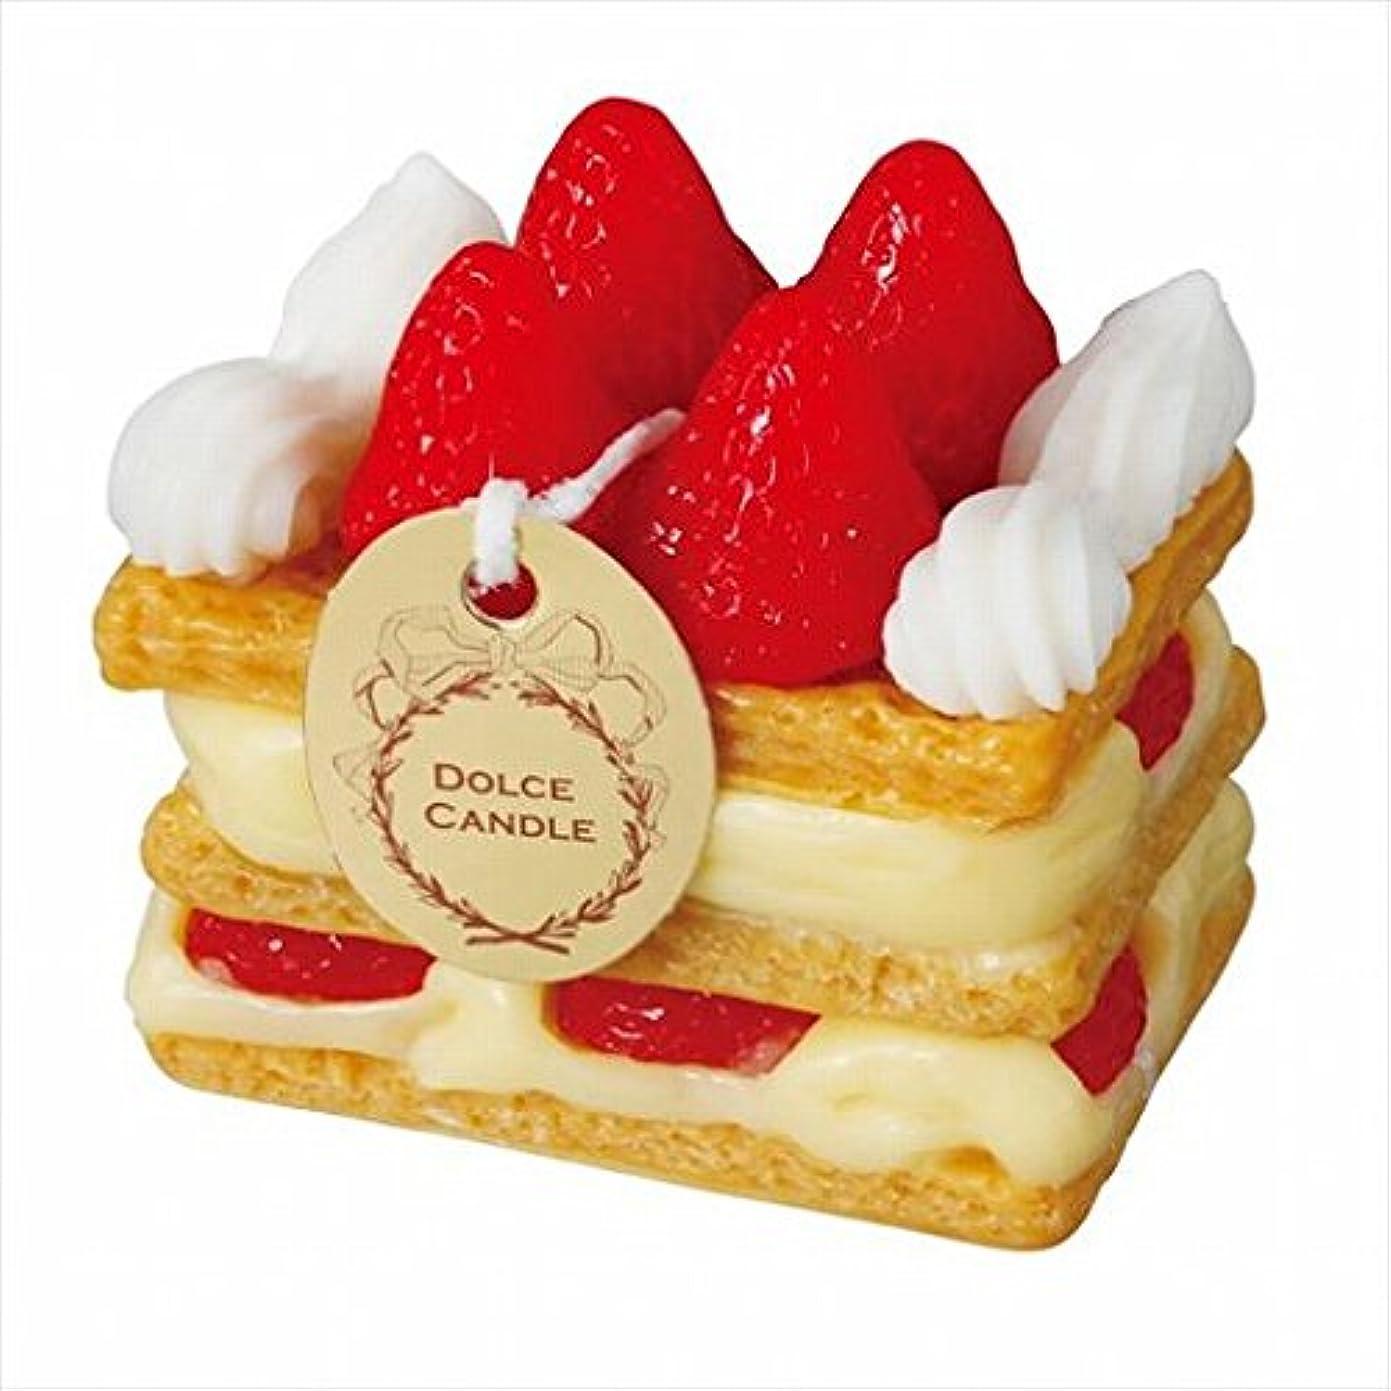 乳製品進捗胚スイーツキャンドル( sweets candle ) ドルチェキャンドル 「 ミルフィーユ 」 キャンドル